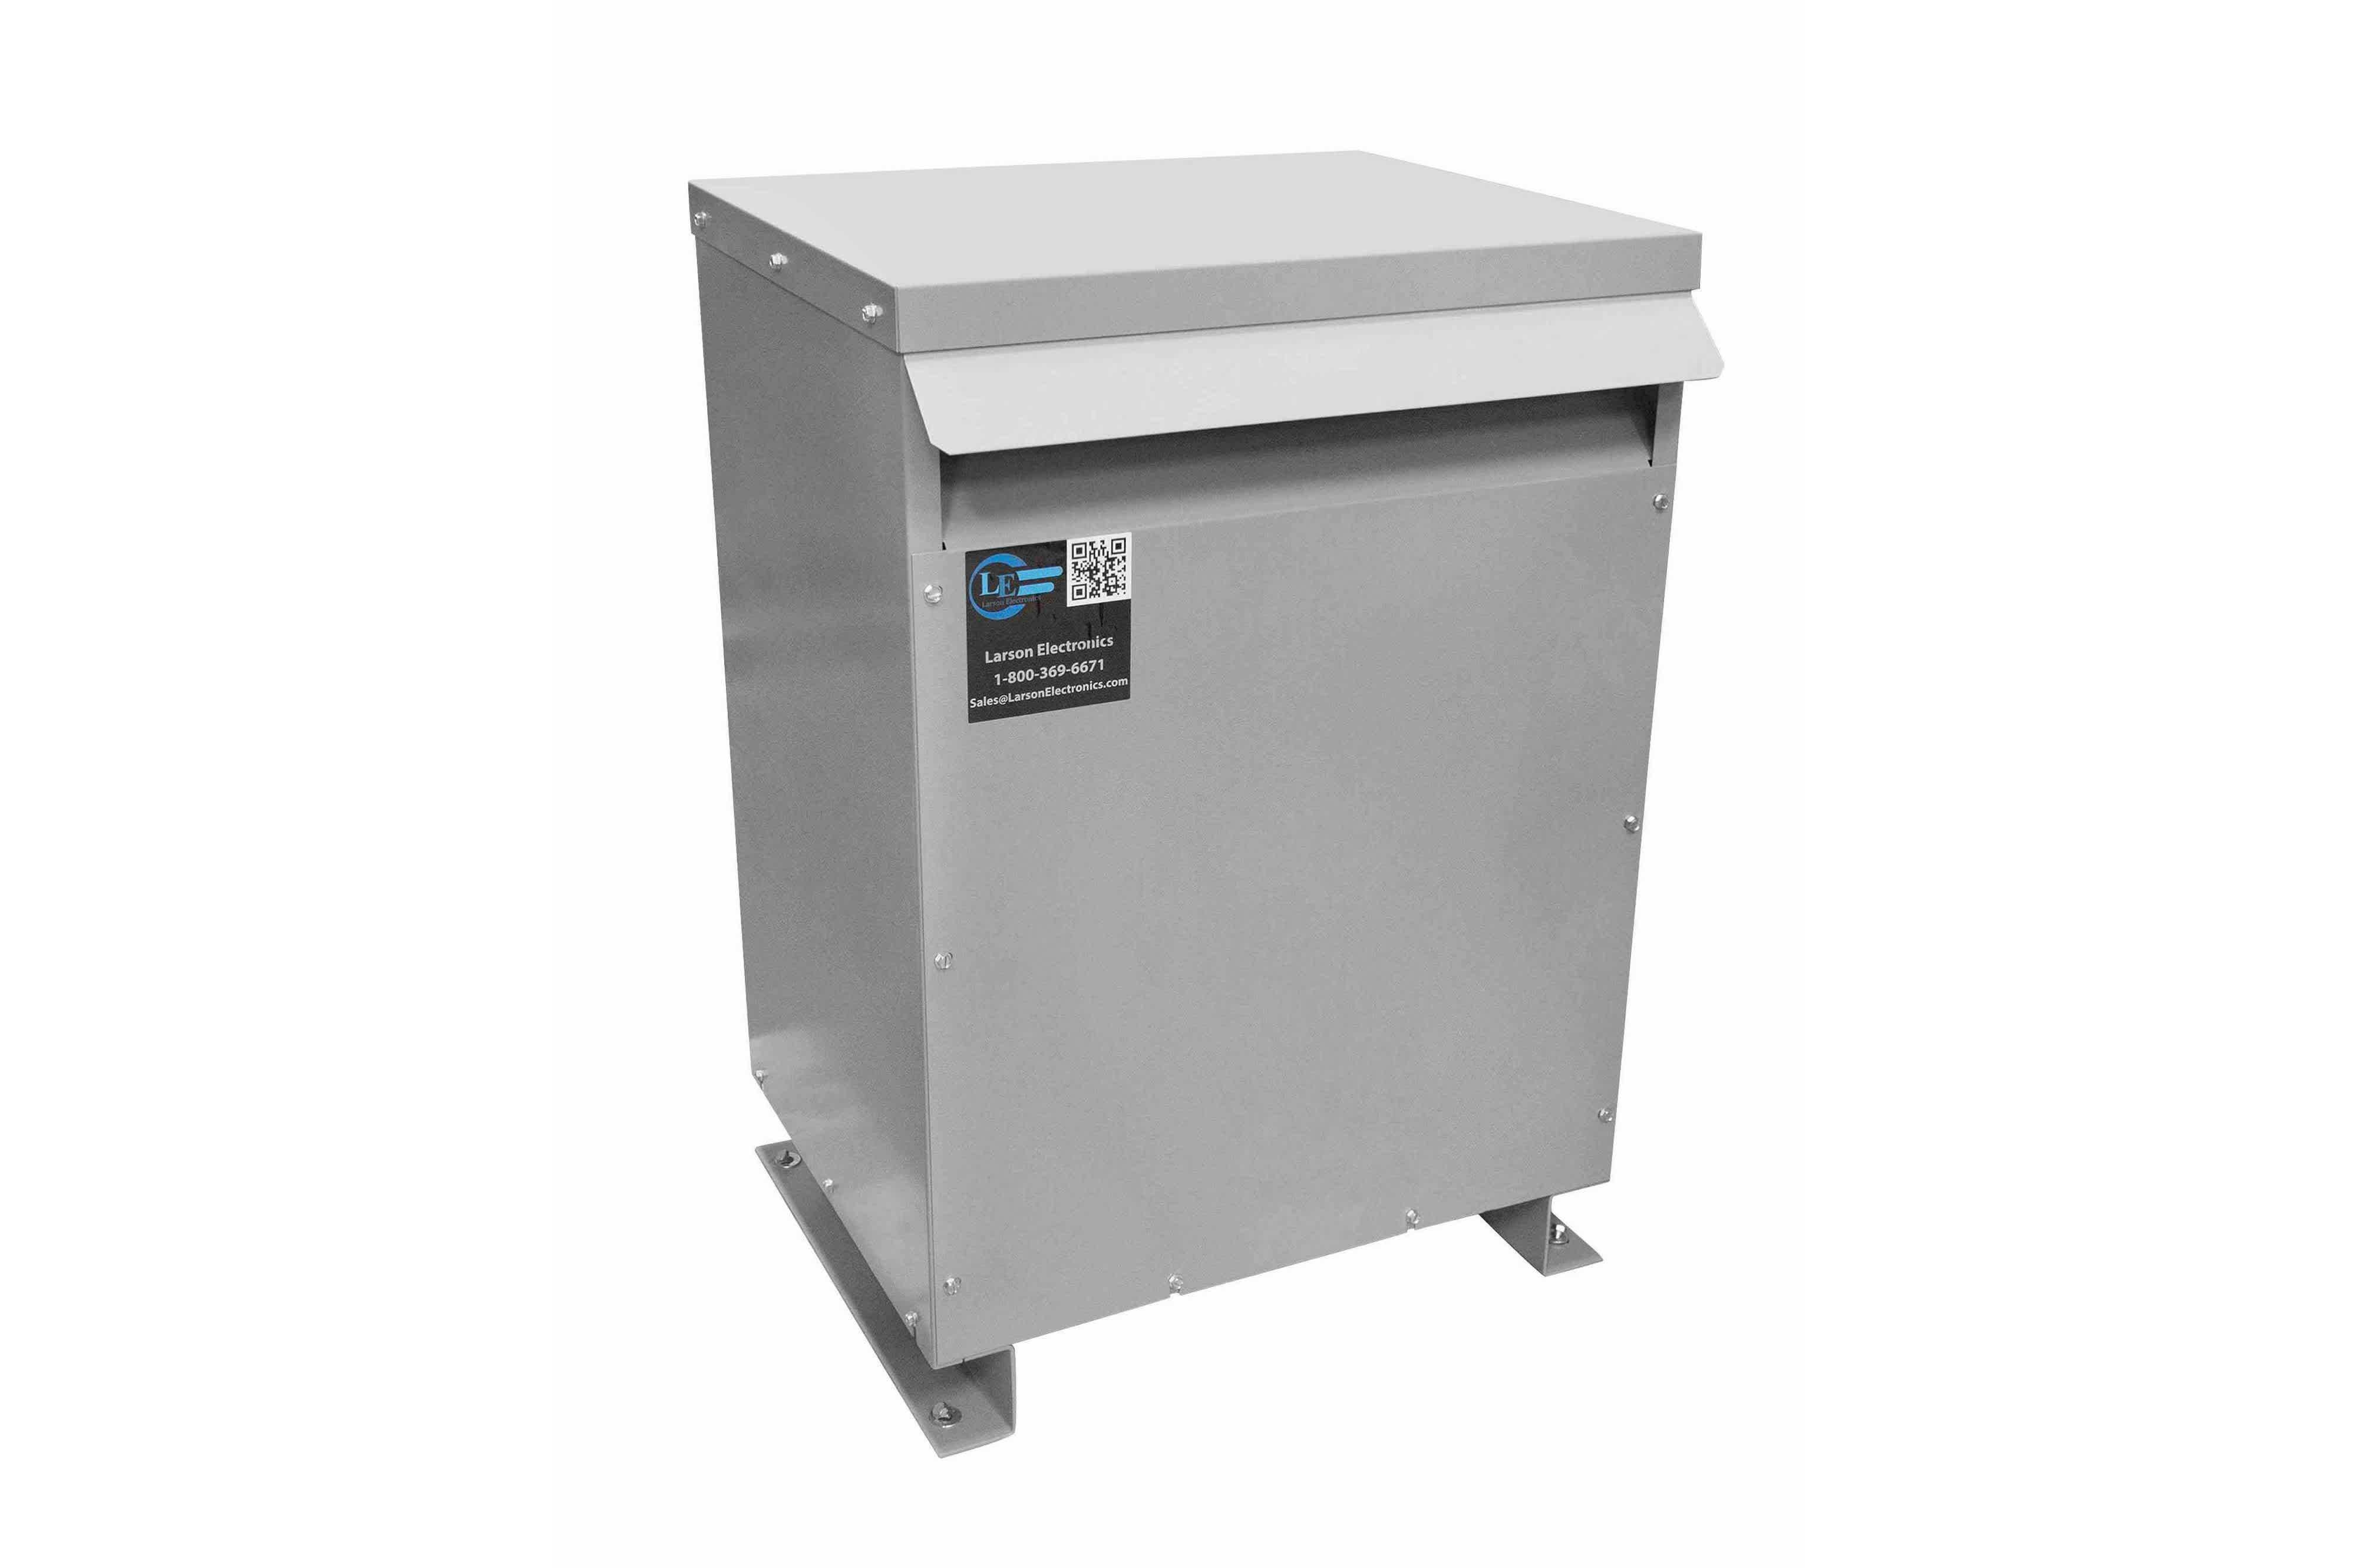 275 kVA 3PH Isolation Transformer, 380V Delta Primary, 208V Delta Secondary, N3R, Ventilated, 60 Hz